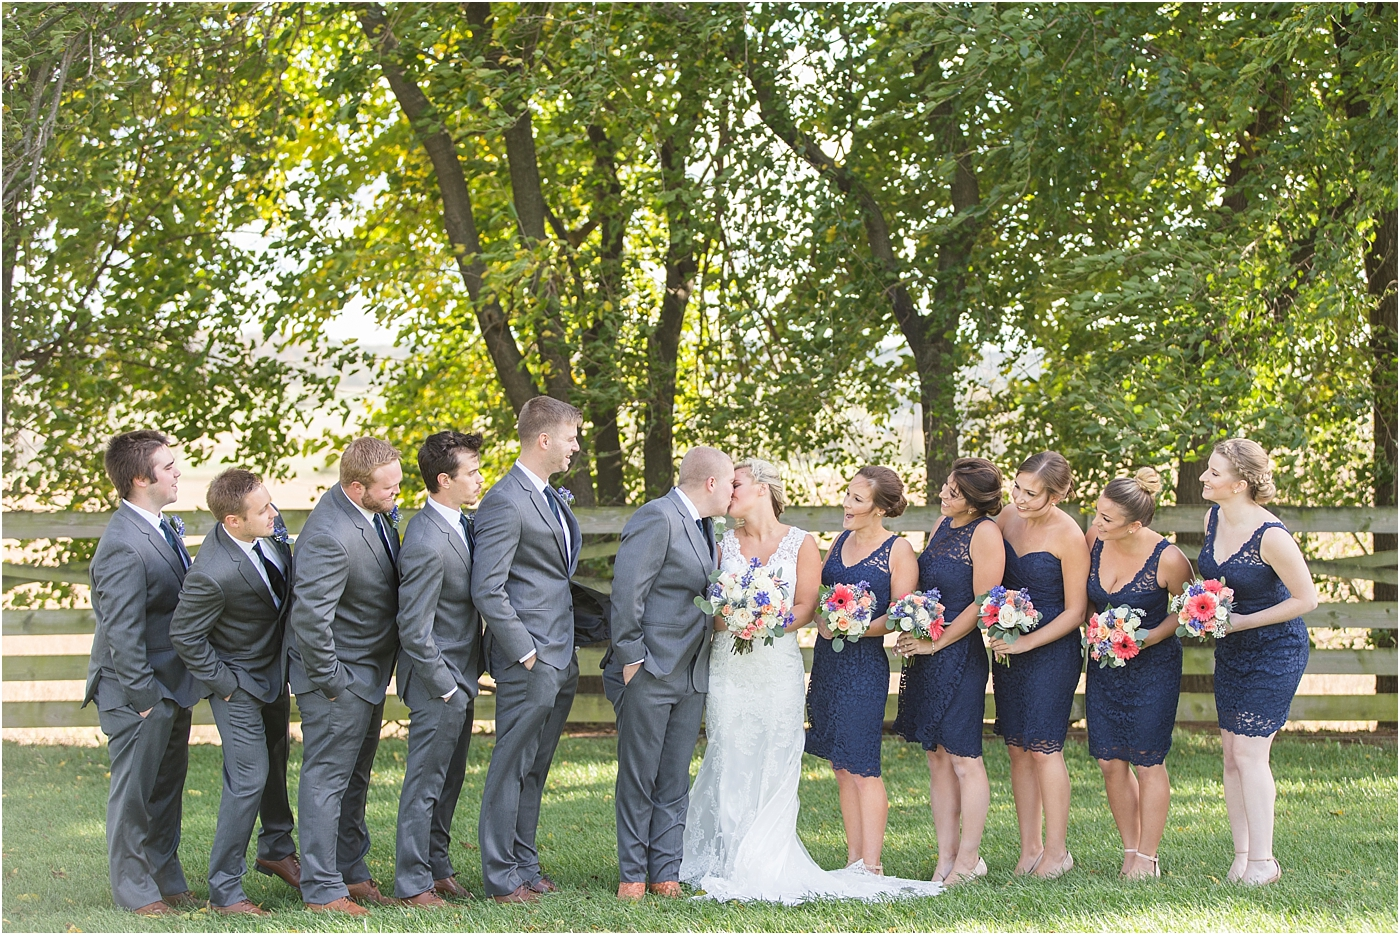 Walkers-Overlook-Wedding-46.jpg